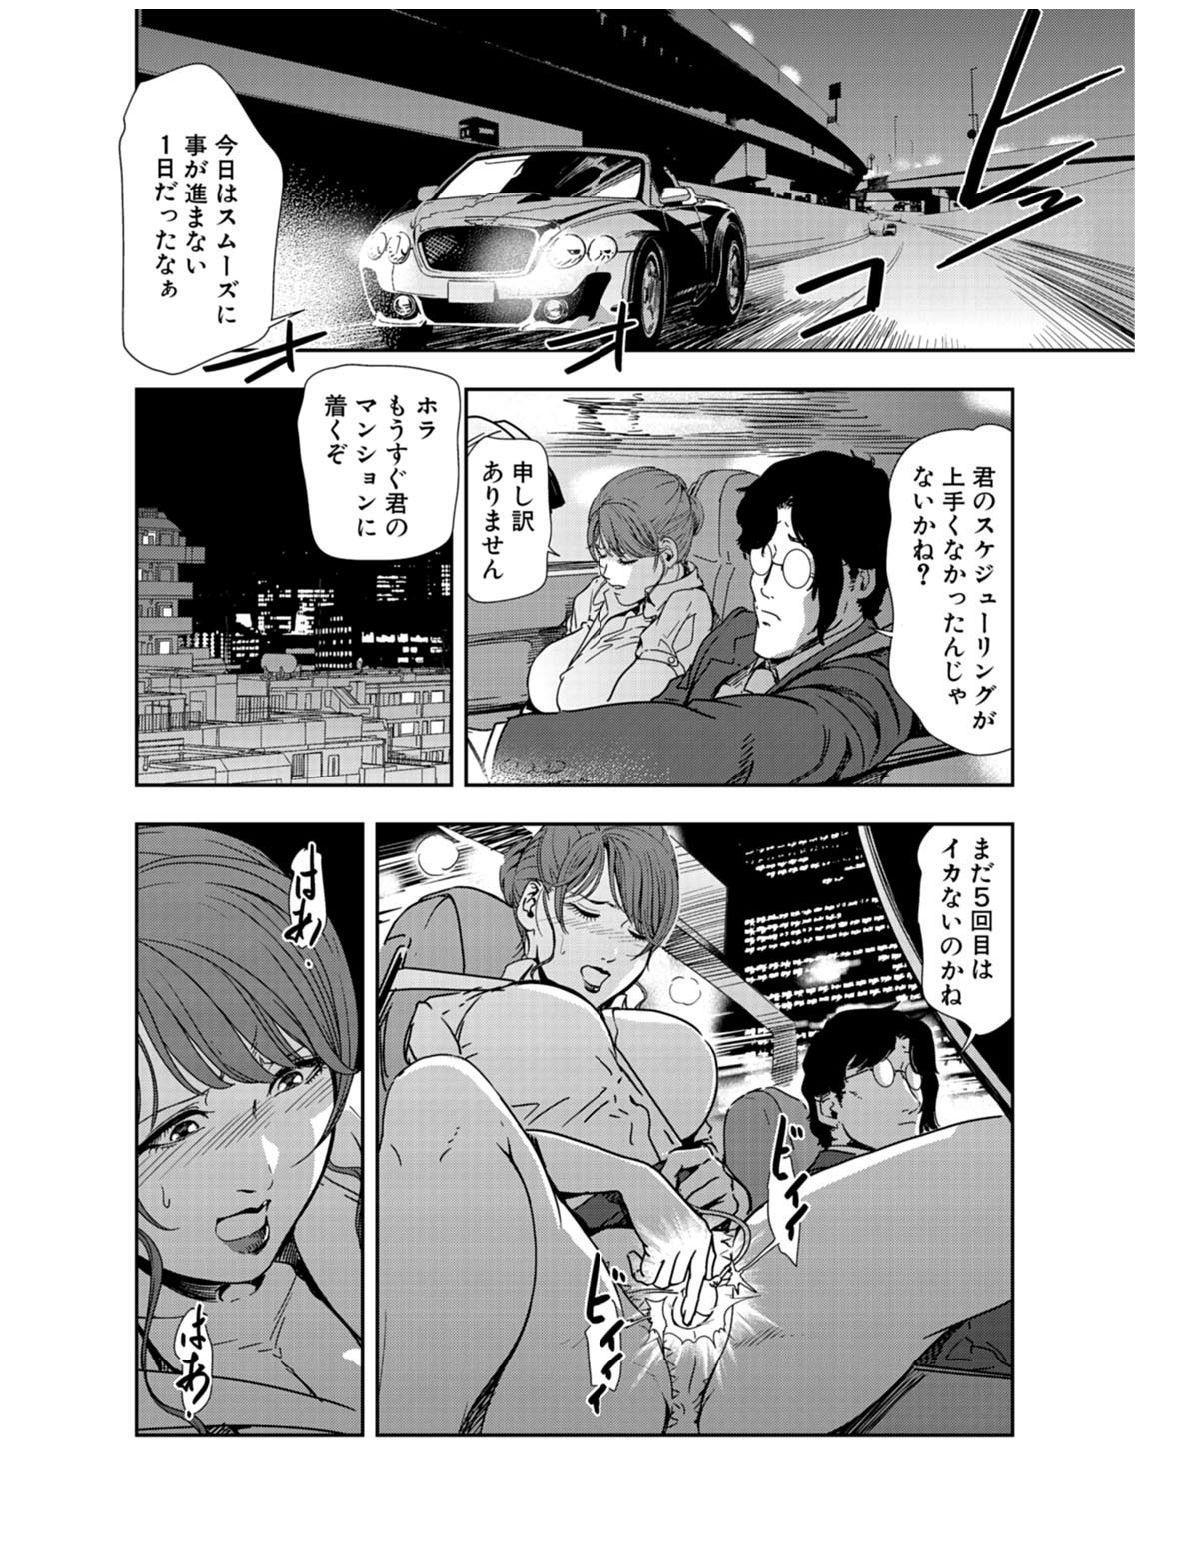 Nikuhisyo Yukiko 21 127